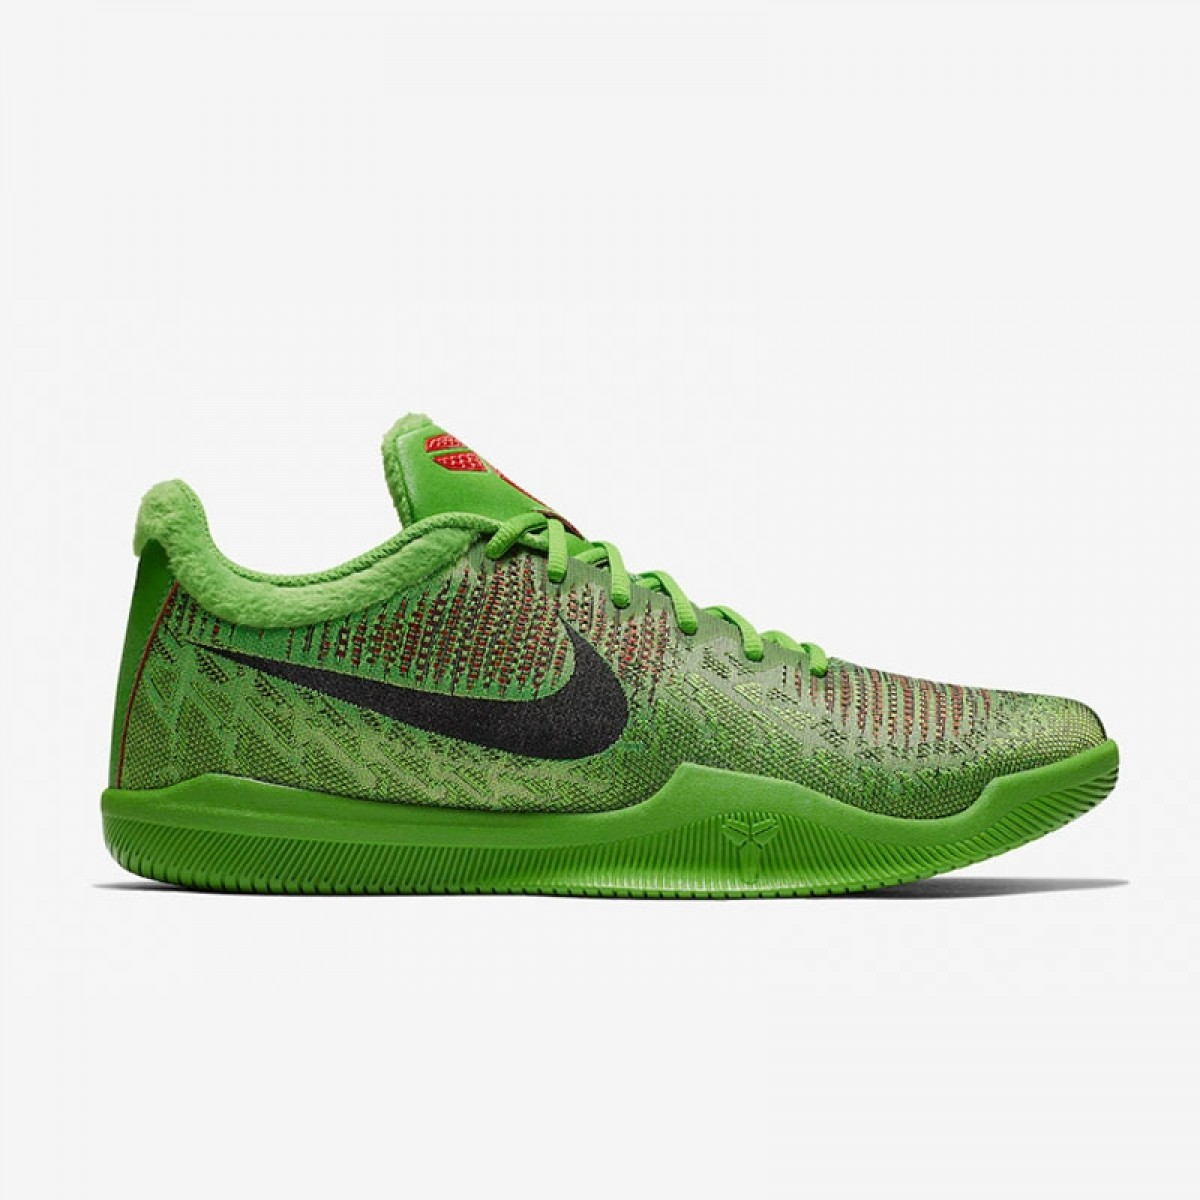 Nike Mamba Rage GS 'Grinch'